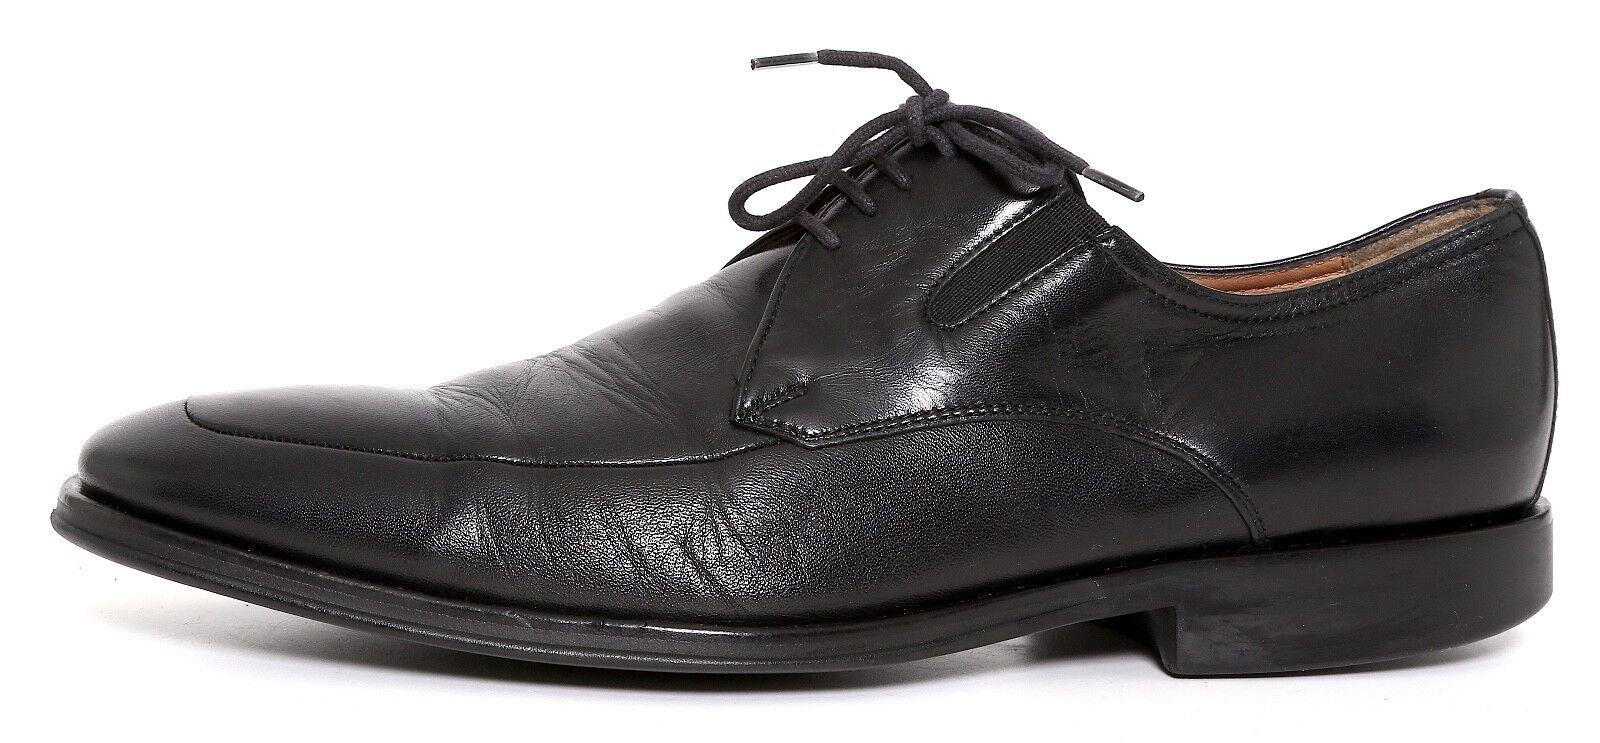 più sconto Bruno Magli Magli Magli Ranuncolo Leather Oxfords nero Uomo Sz 9 M 4675  incentivi promozionali